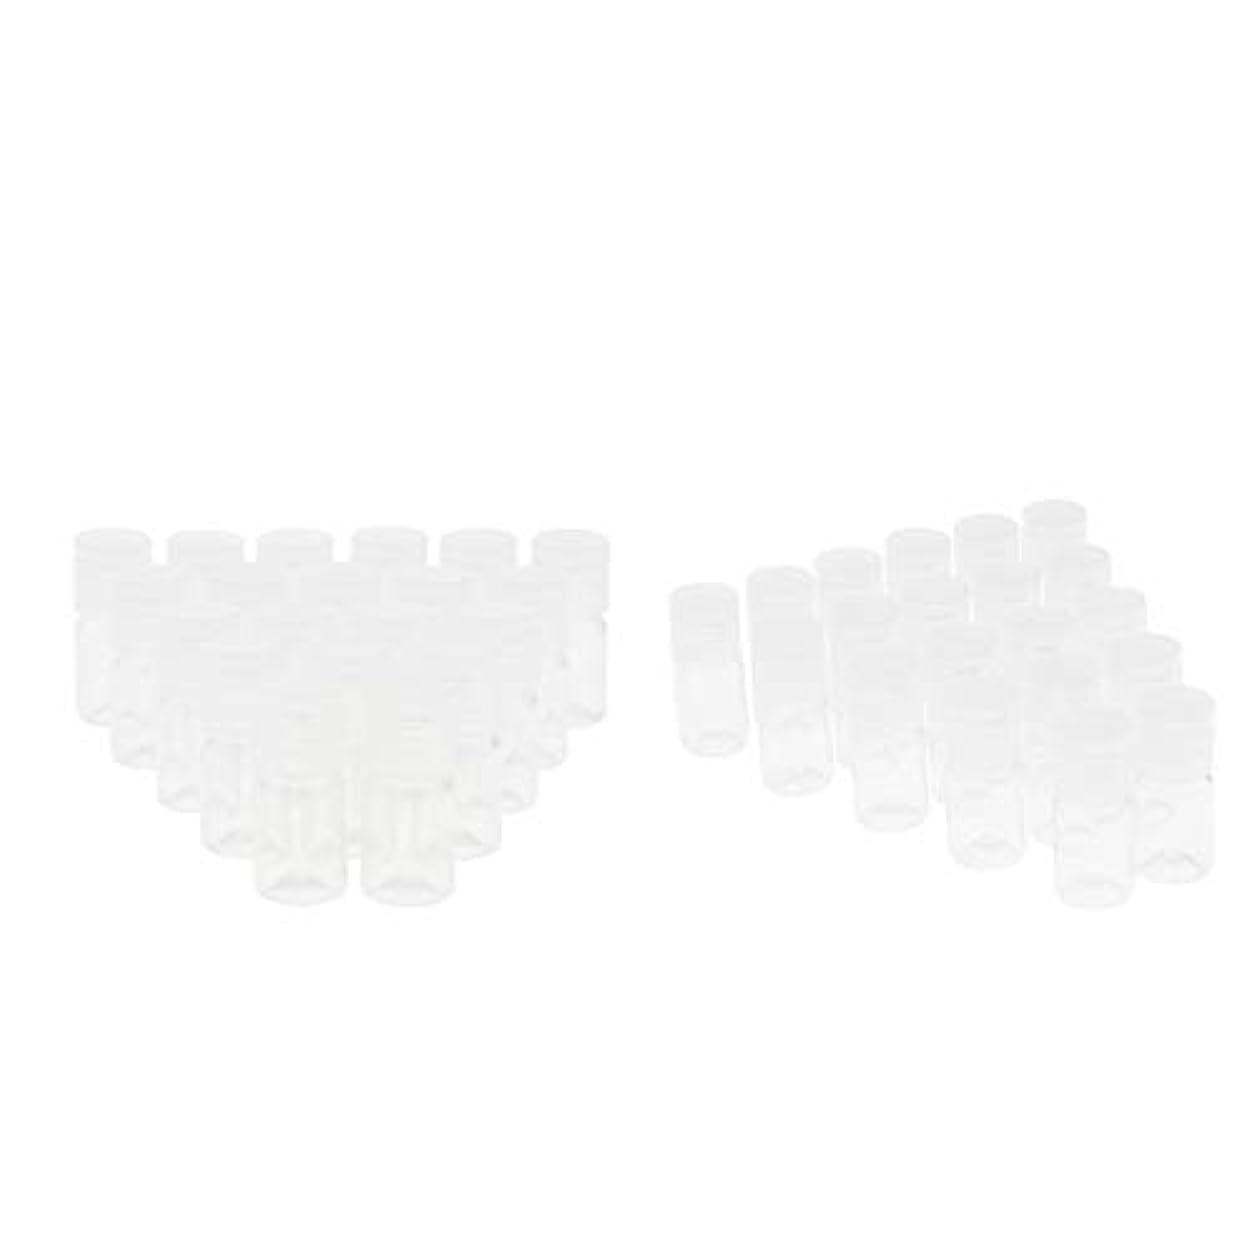 オデュッセウスグリース餌Hellery 化粧品ボトル 液体容器 5ml 携帯便利 約40個